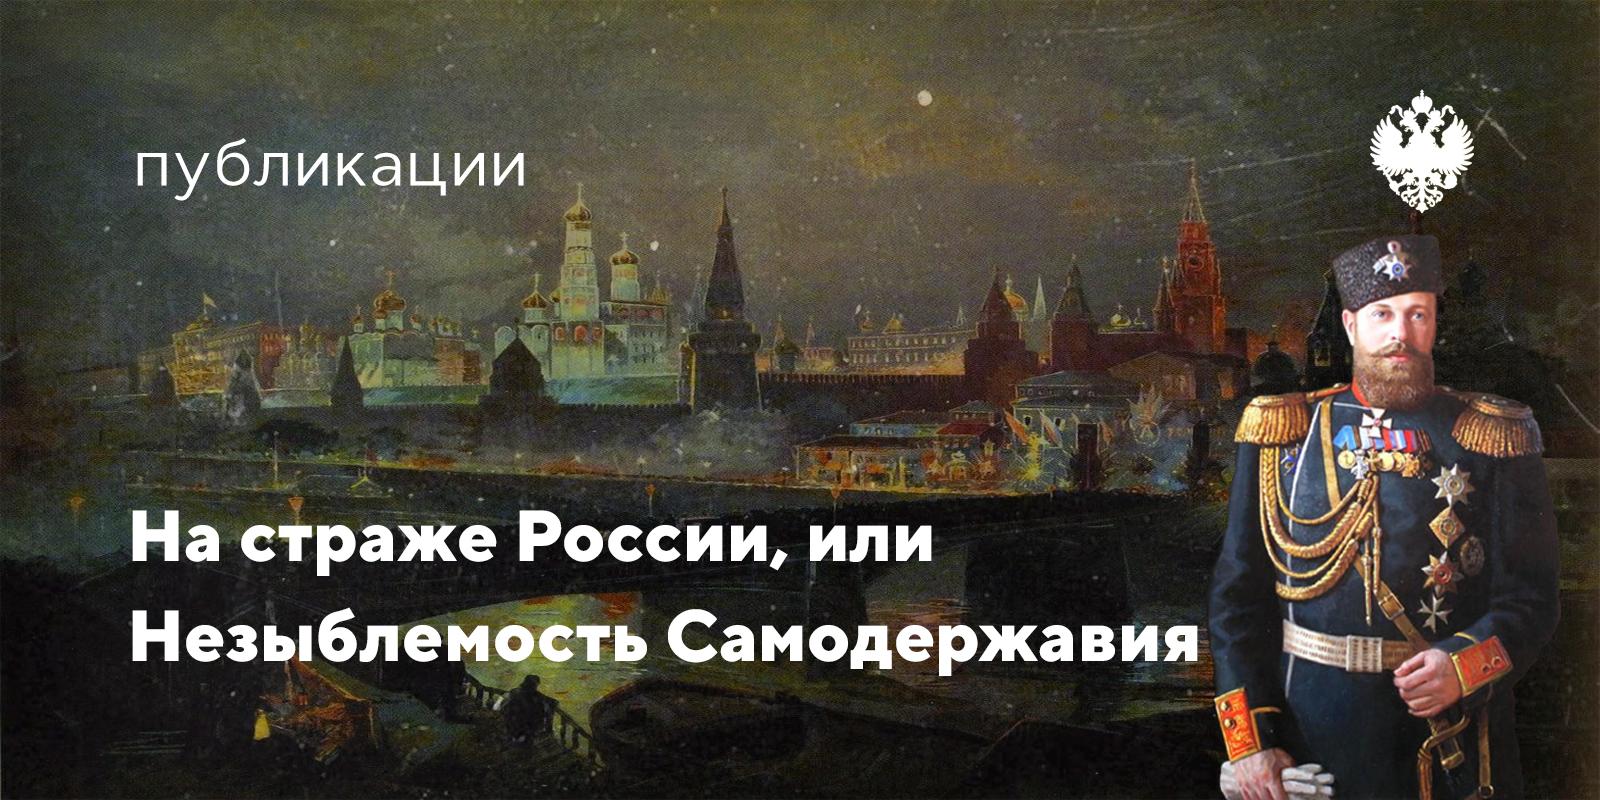 манифест о незыблемости самодержавия 1881 г